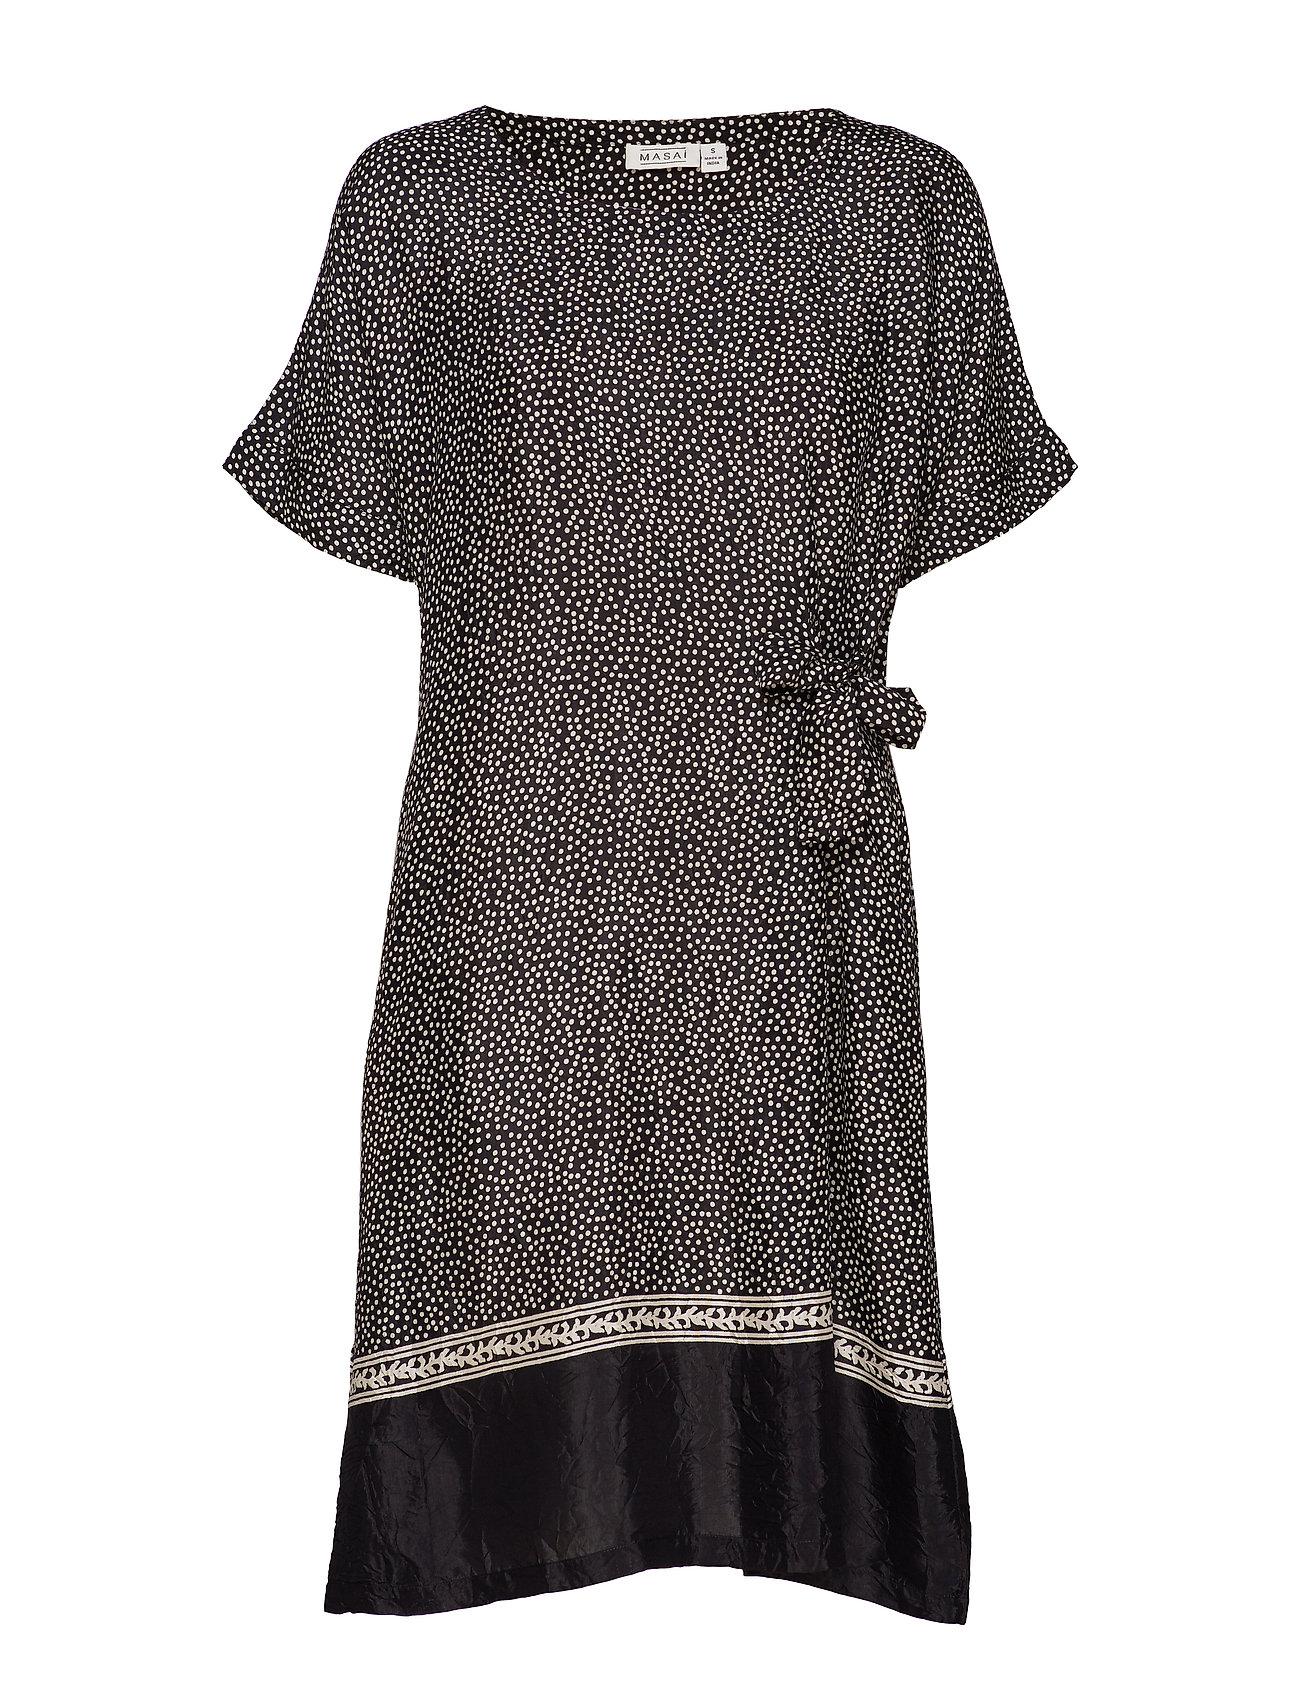 Dress Nata Lenght Nata Dress Dress OrgMasai Lenght OrgMasai 98black Lenght 98black Nata QrxoCWdEBe